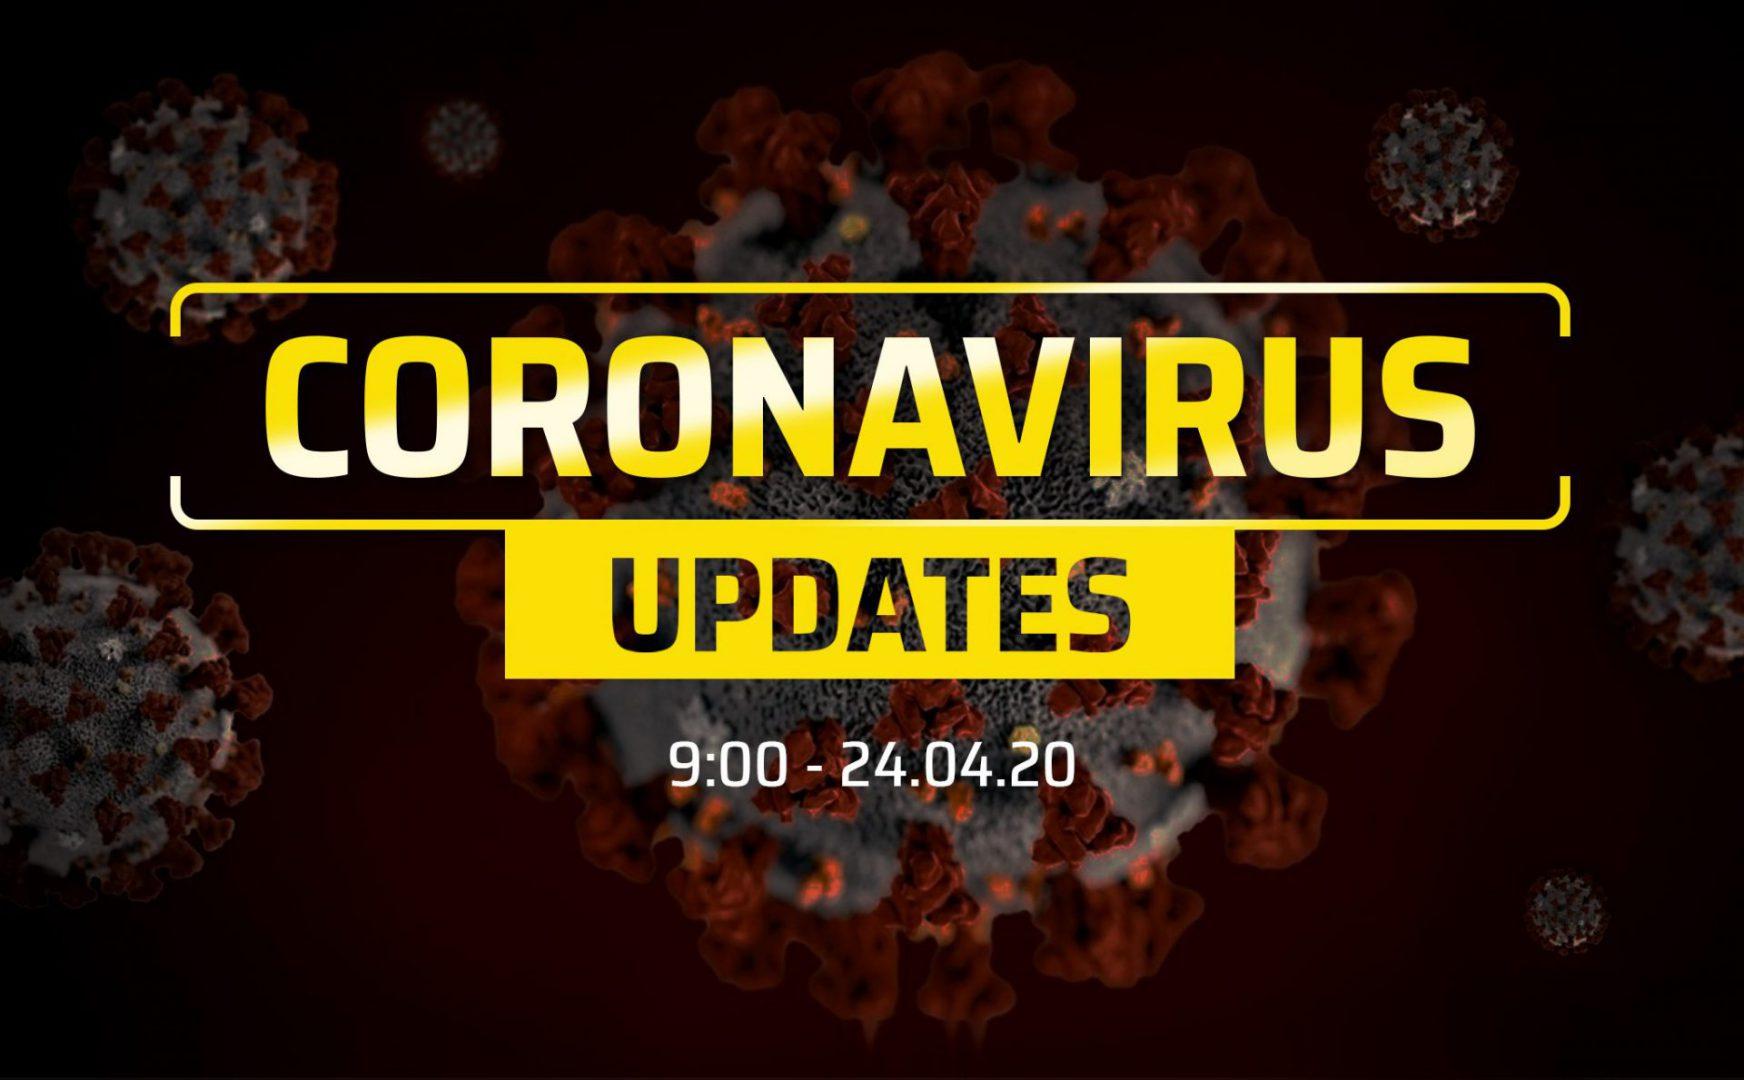 Tình hình đại dịch COVID-19 cập nhật đến sáng 24/04